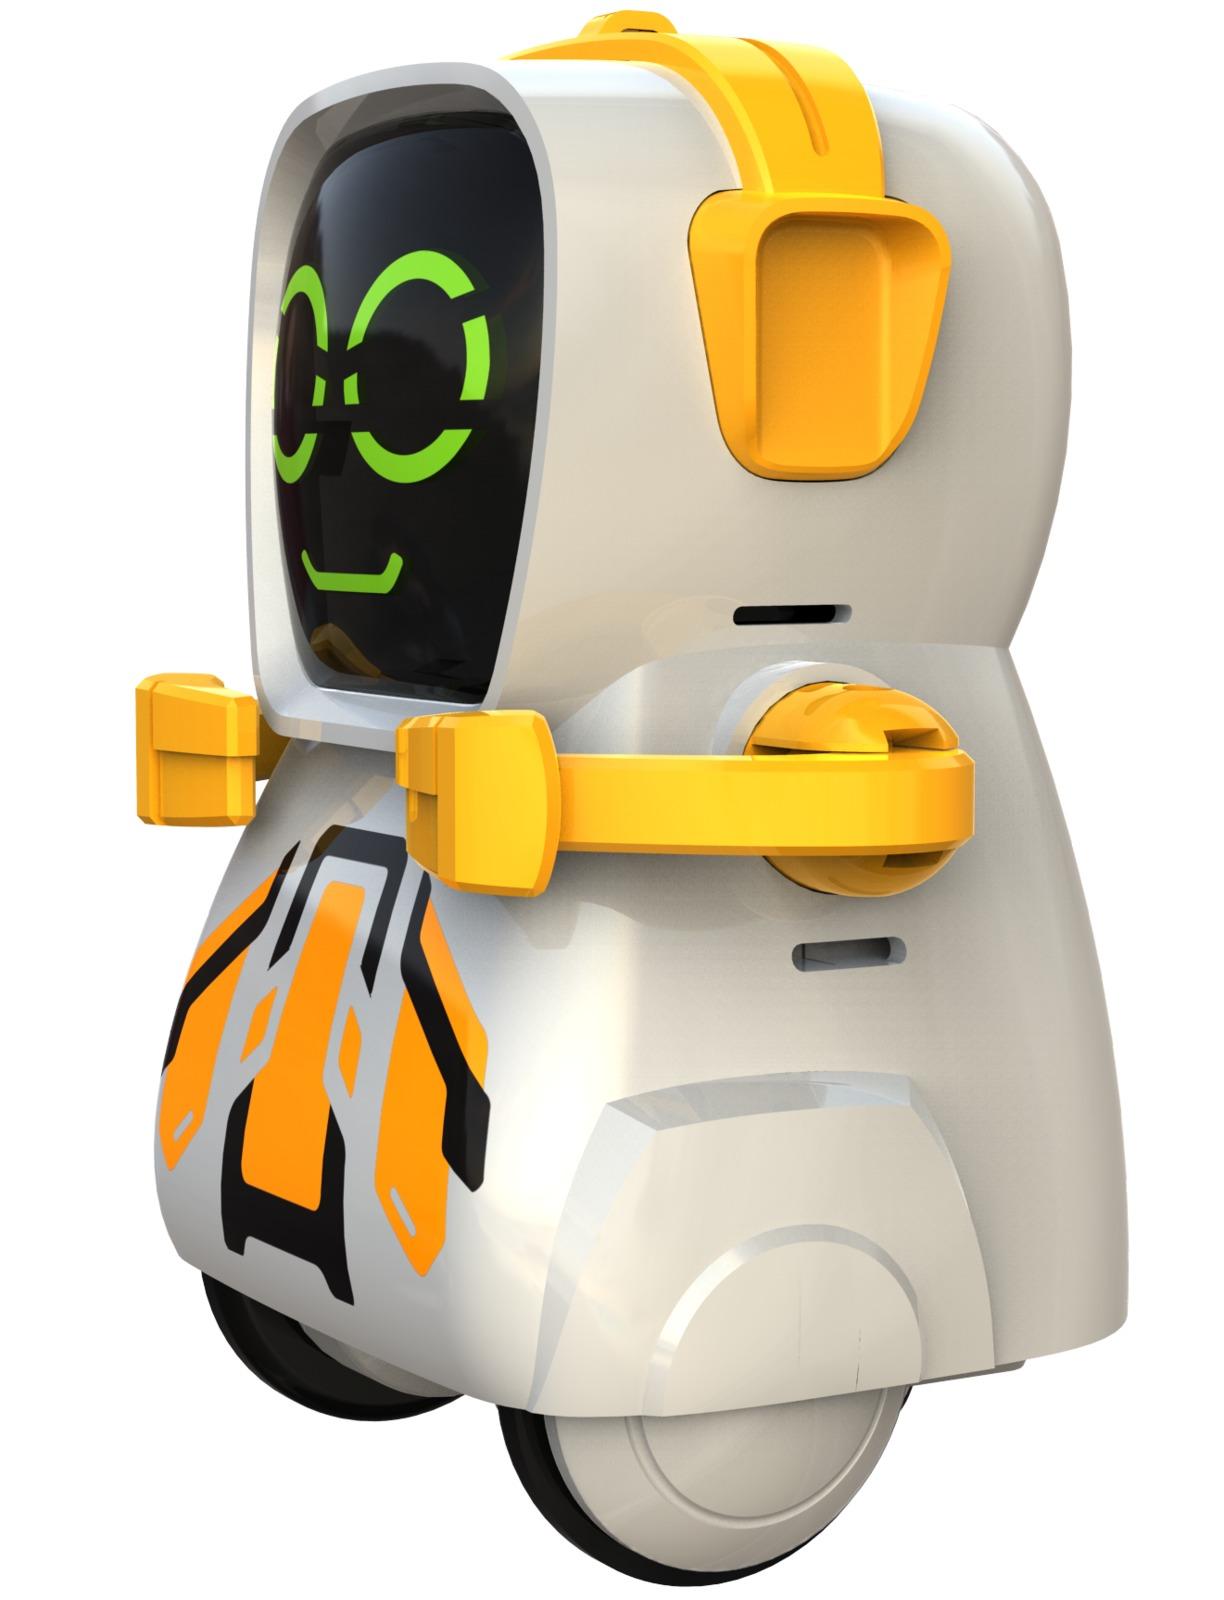 Silverlit: Pokibot Square - Yellow image